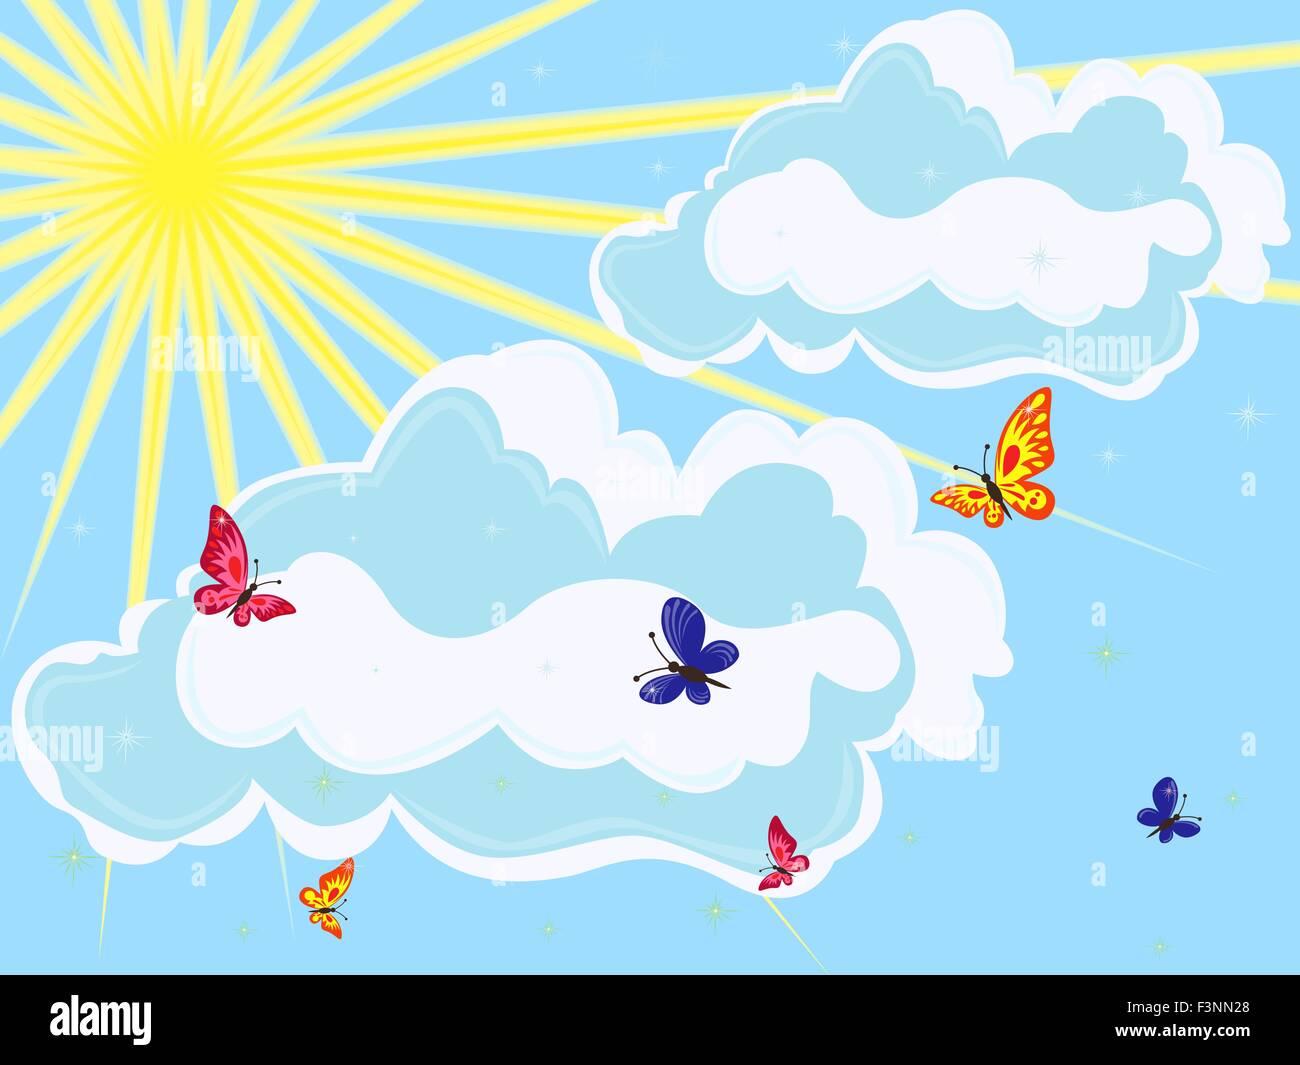 El Cielo Con El Sol Las Nubes Y Mariposas En Primer Plano Dibujo A